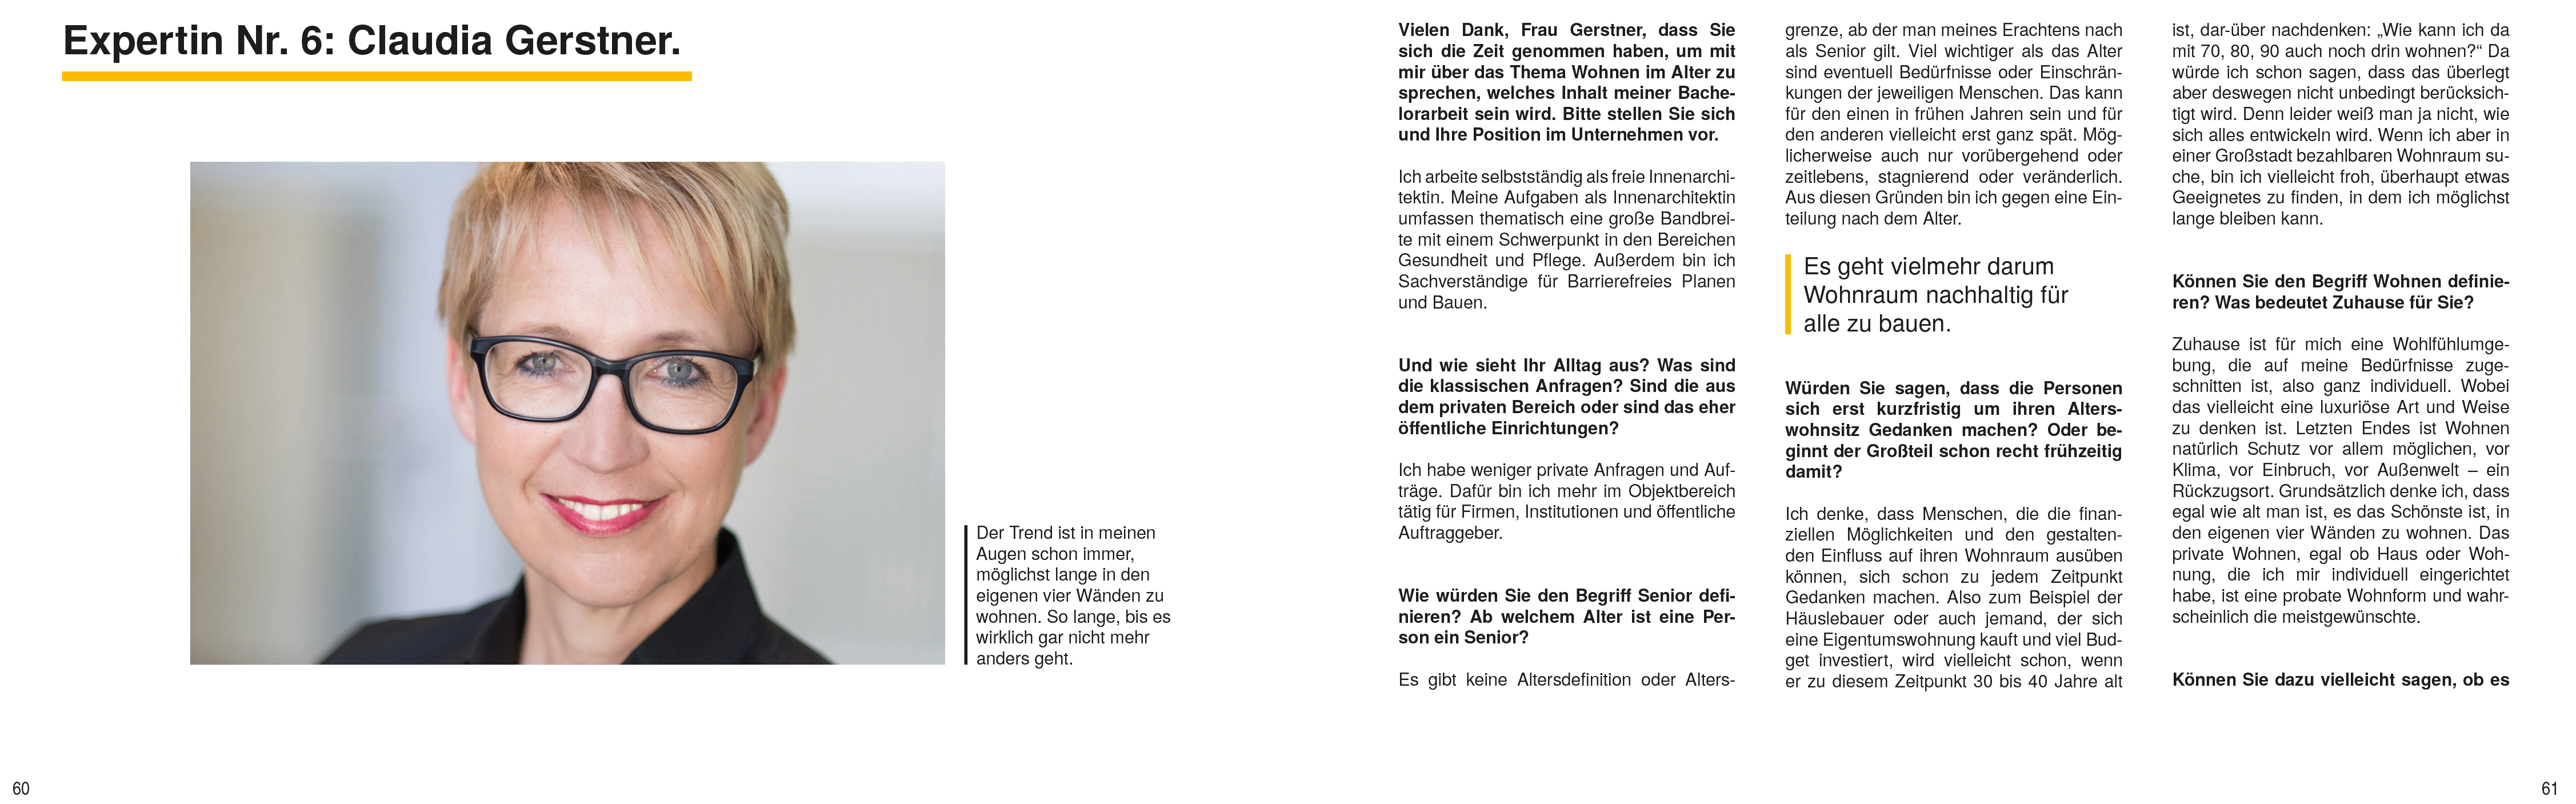 Interview Claudia Gerstner, Katharina Scharping